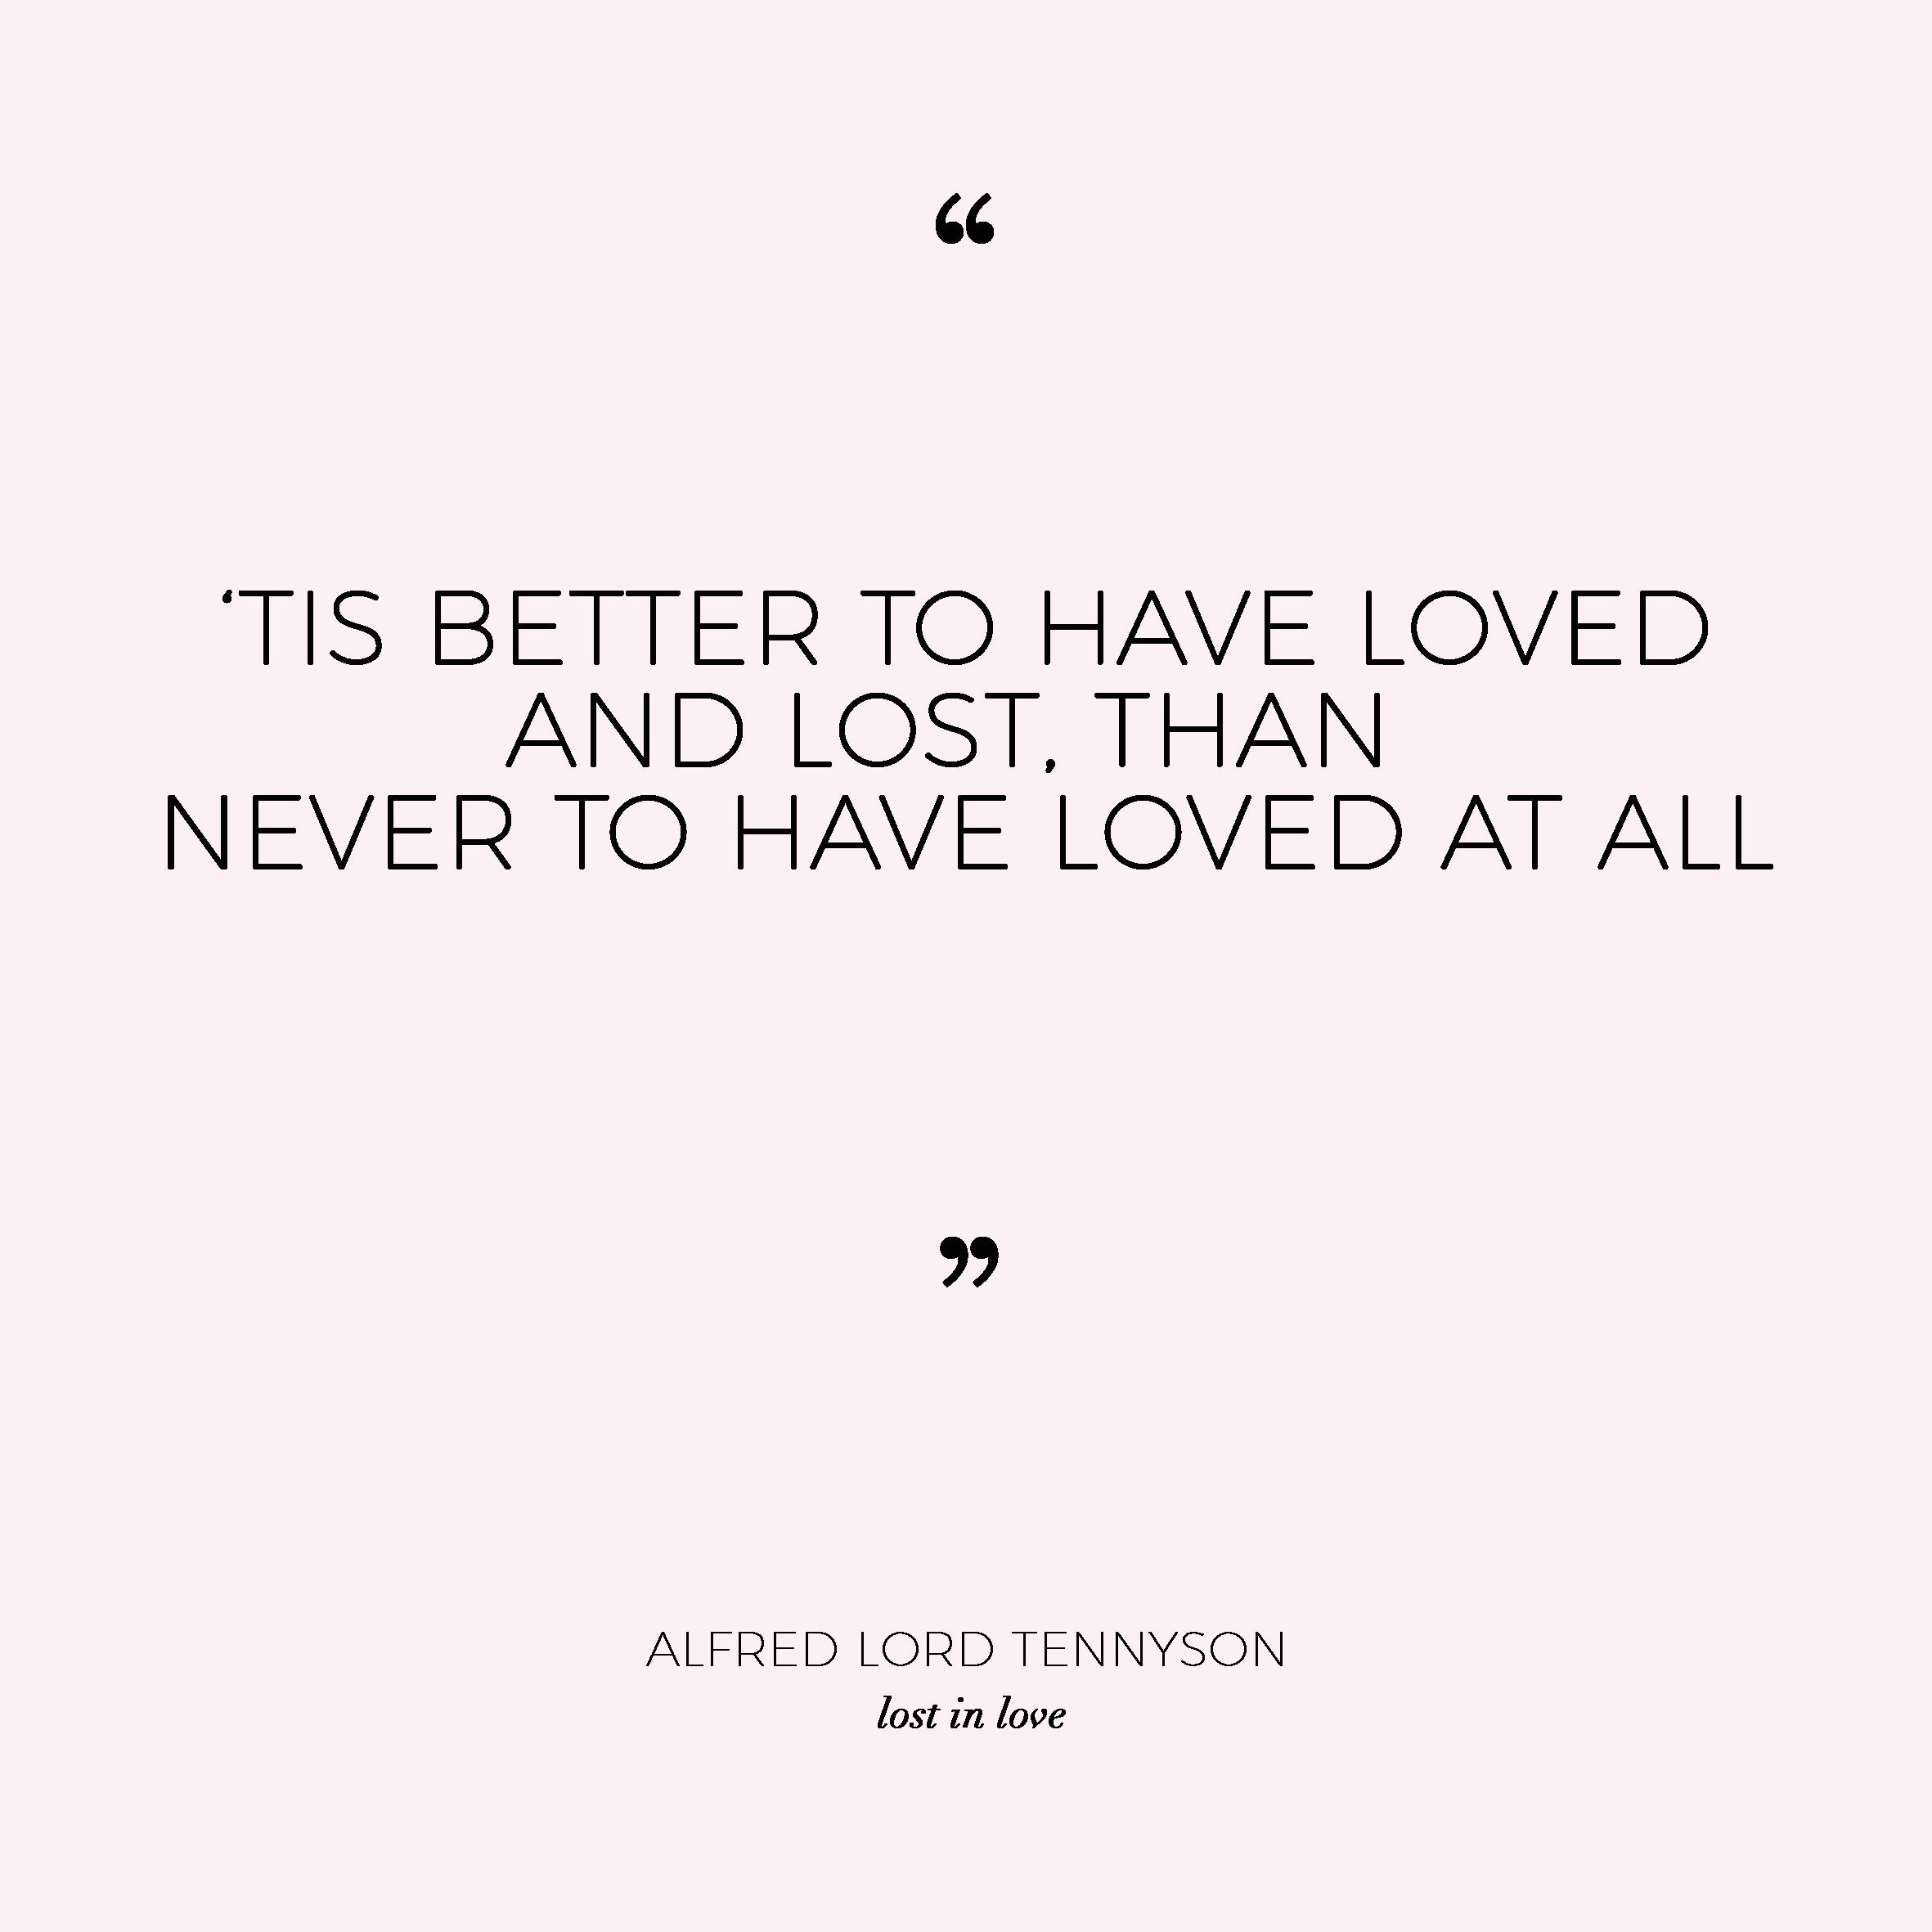 alfred lord tennyson.jpg